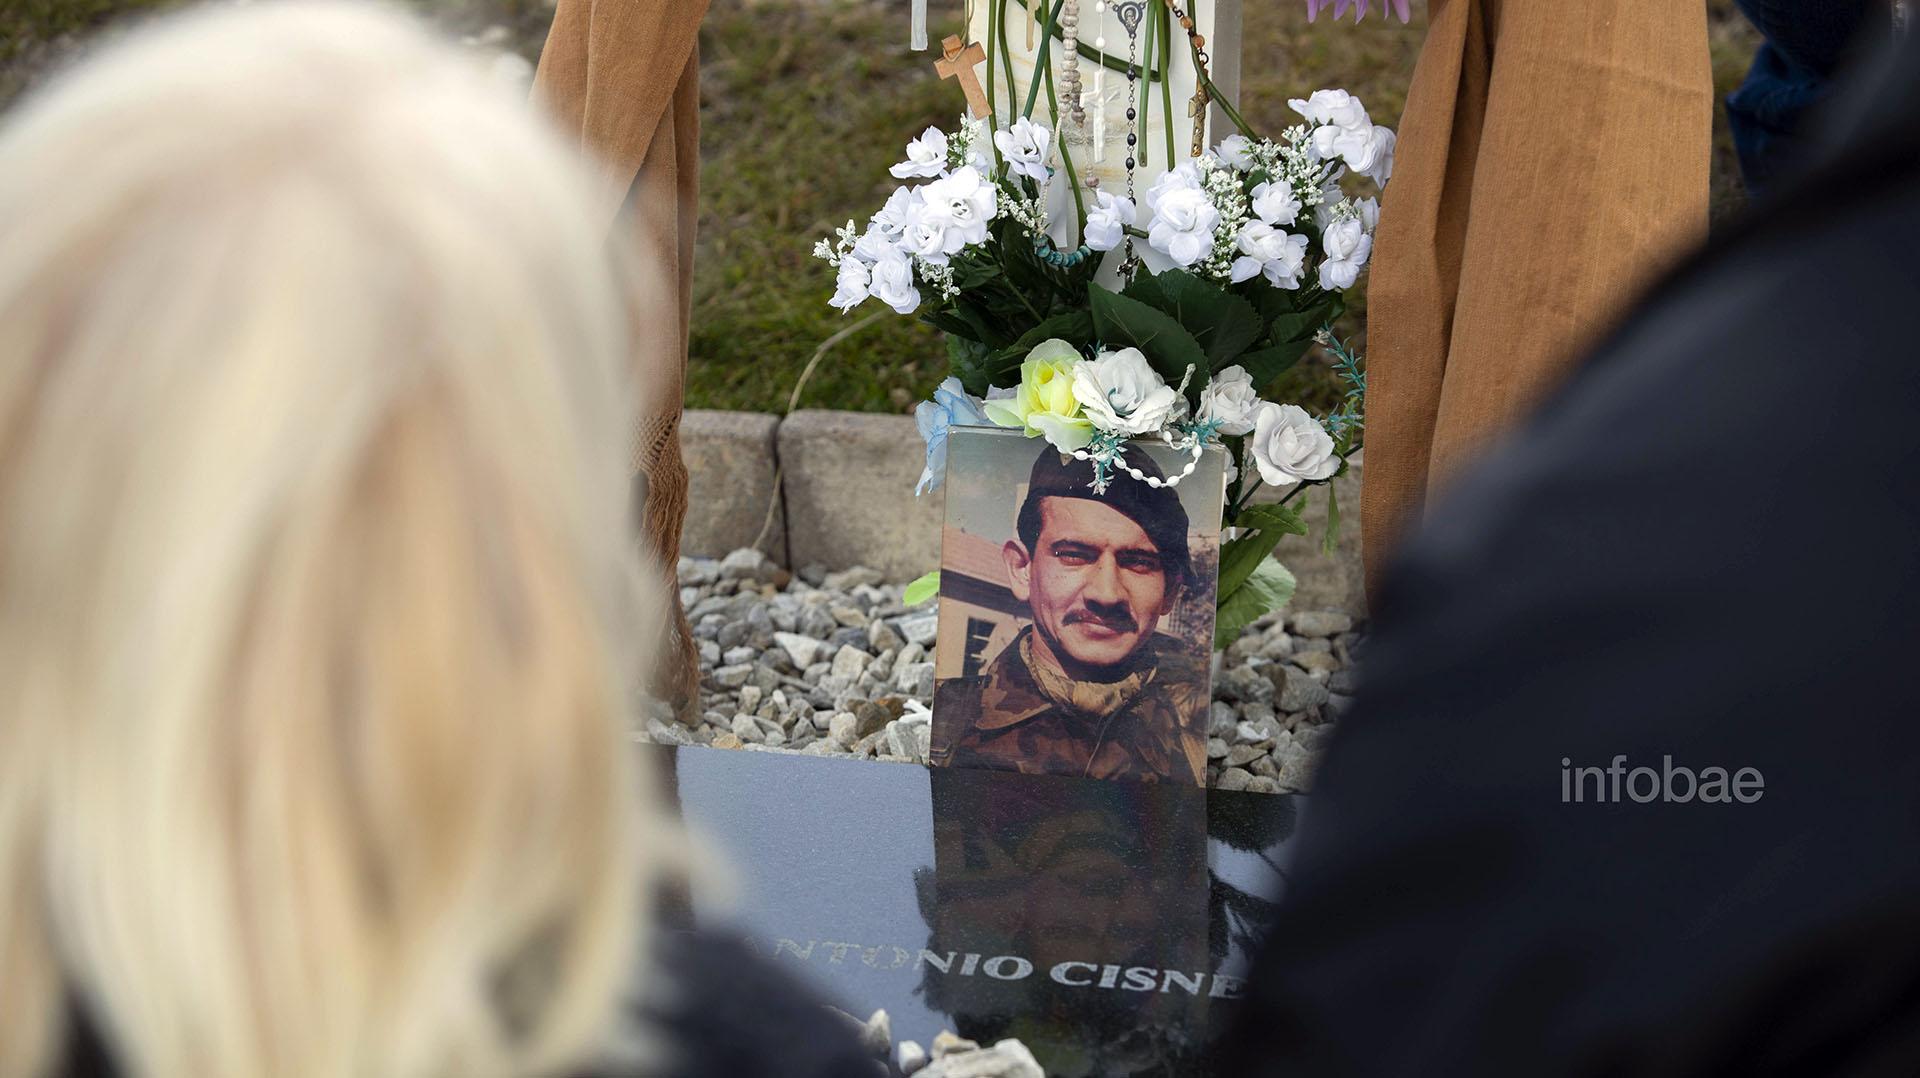 El retrato de Mario Antonio Cisnero, catalogado por muchos de sus ex compañeros como uno de los soldados más valientes en Malvinas